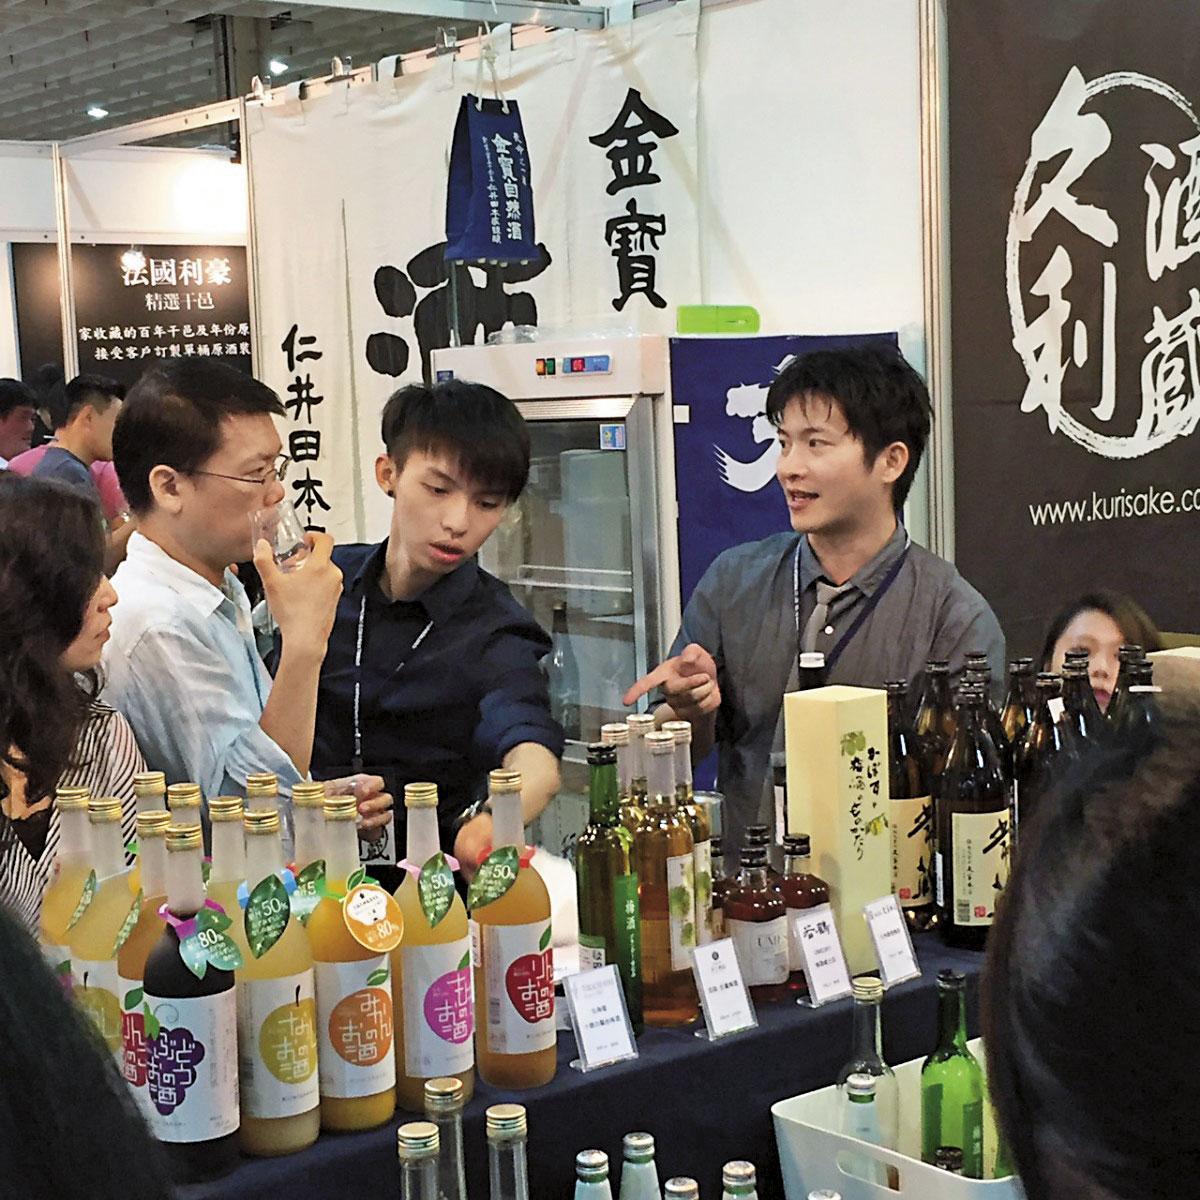 清酒這幾年來市場頗熱,在台北國際酒展中是不可或缺的一環。